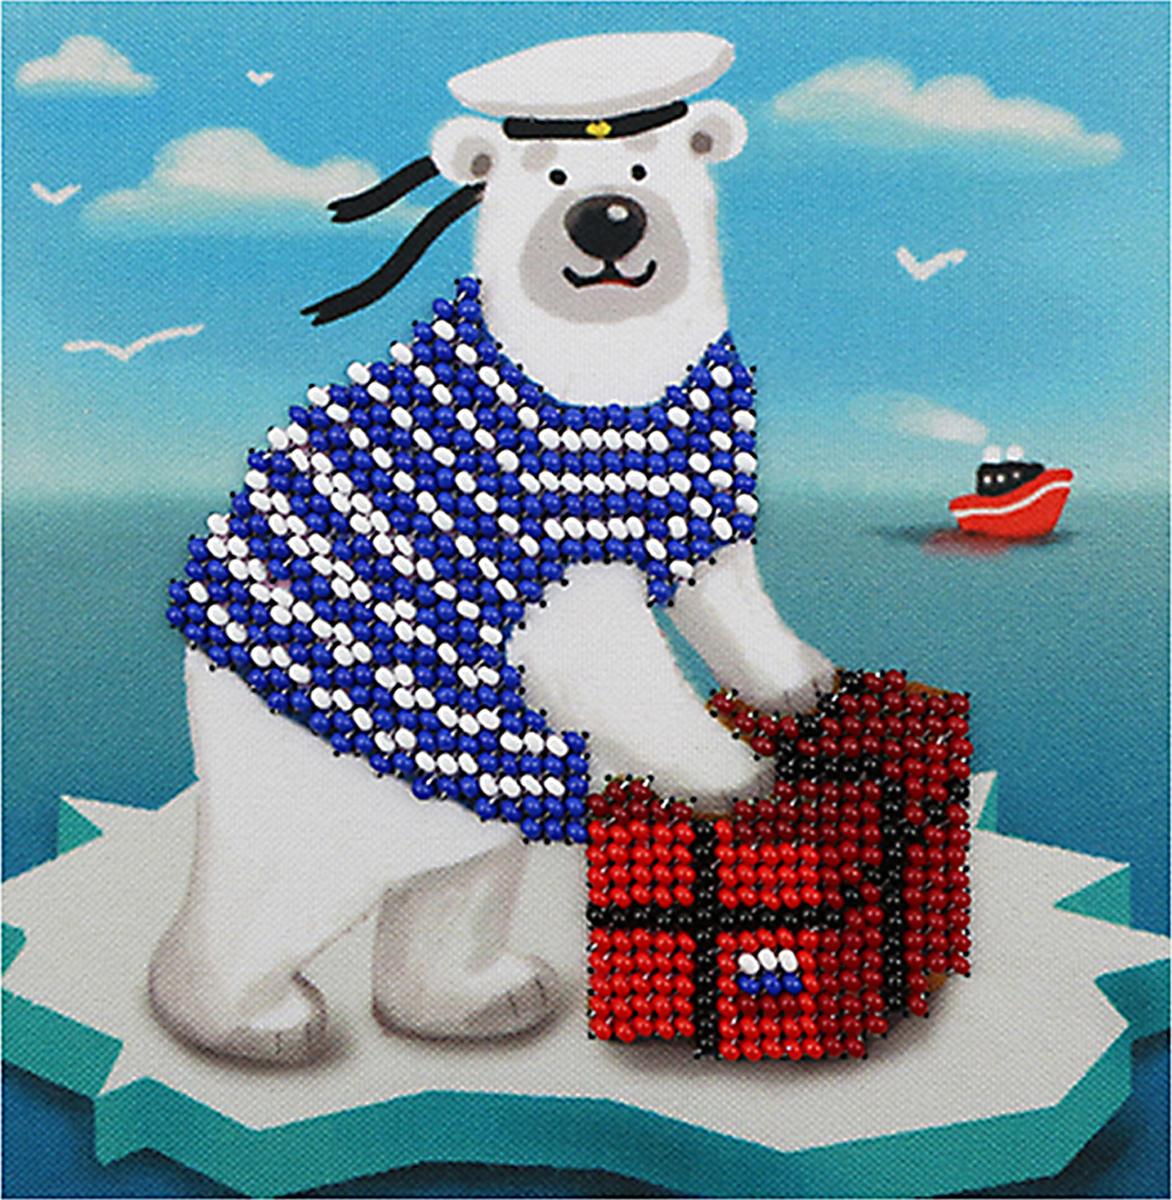 Набор для вышивания бисером Бисеринка Почтальон, 12 х 12 см набор для вышивания бисером бисеринка под зонтиком 12 х 12 см